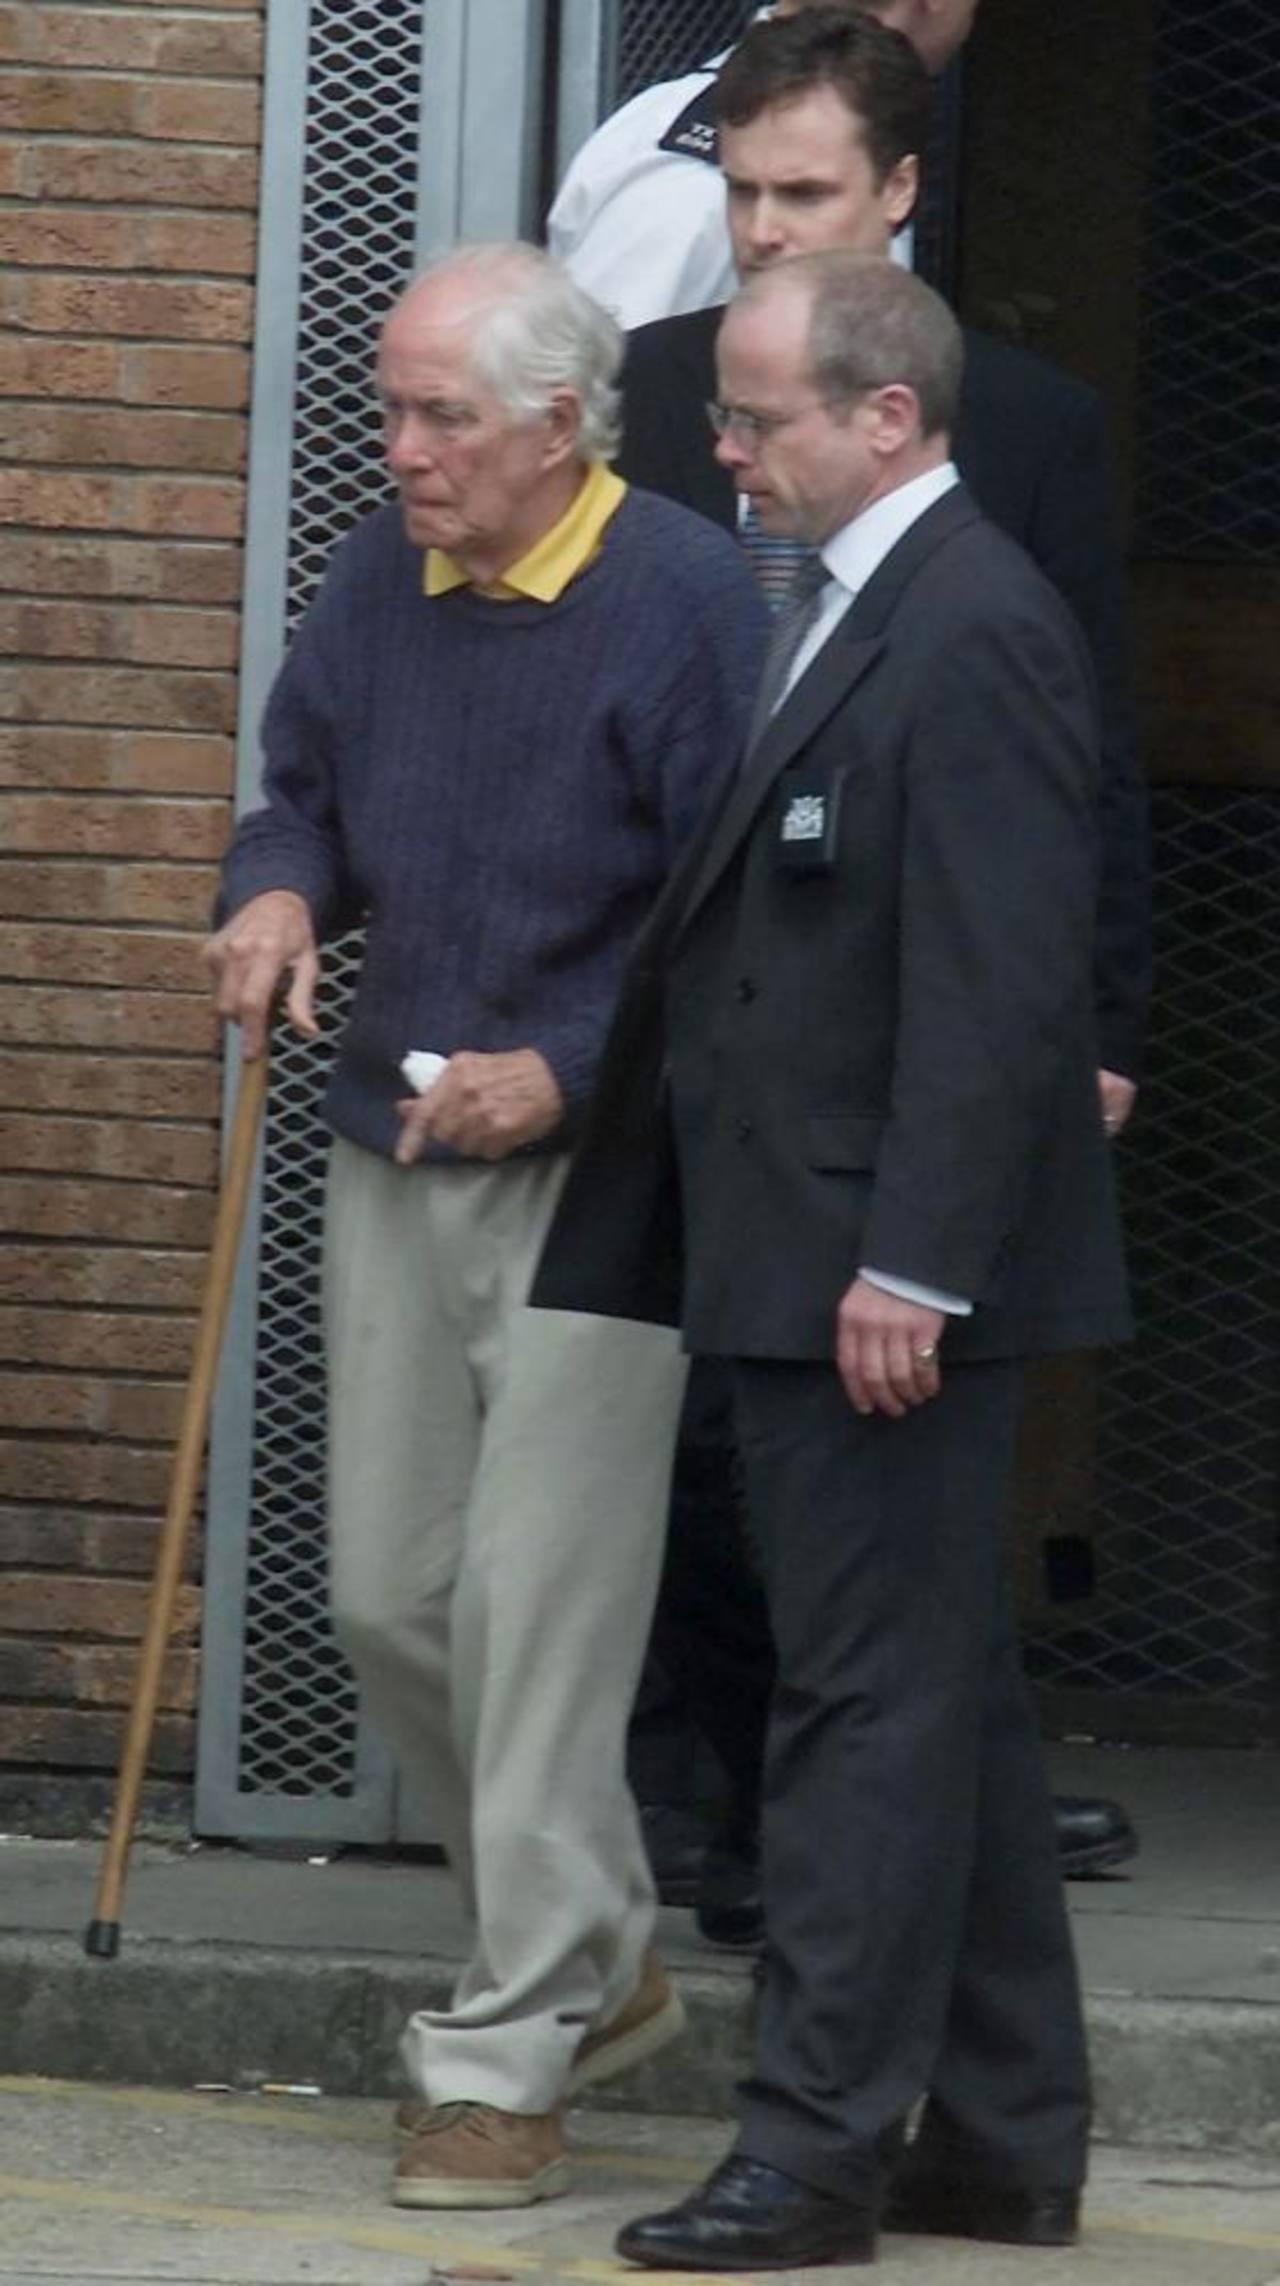 Biggs fue excarcelado en 2009 por su precario estado de salud a petición de su familia. Vive en el norte de Londres.